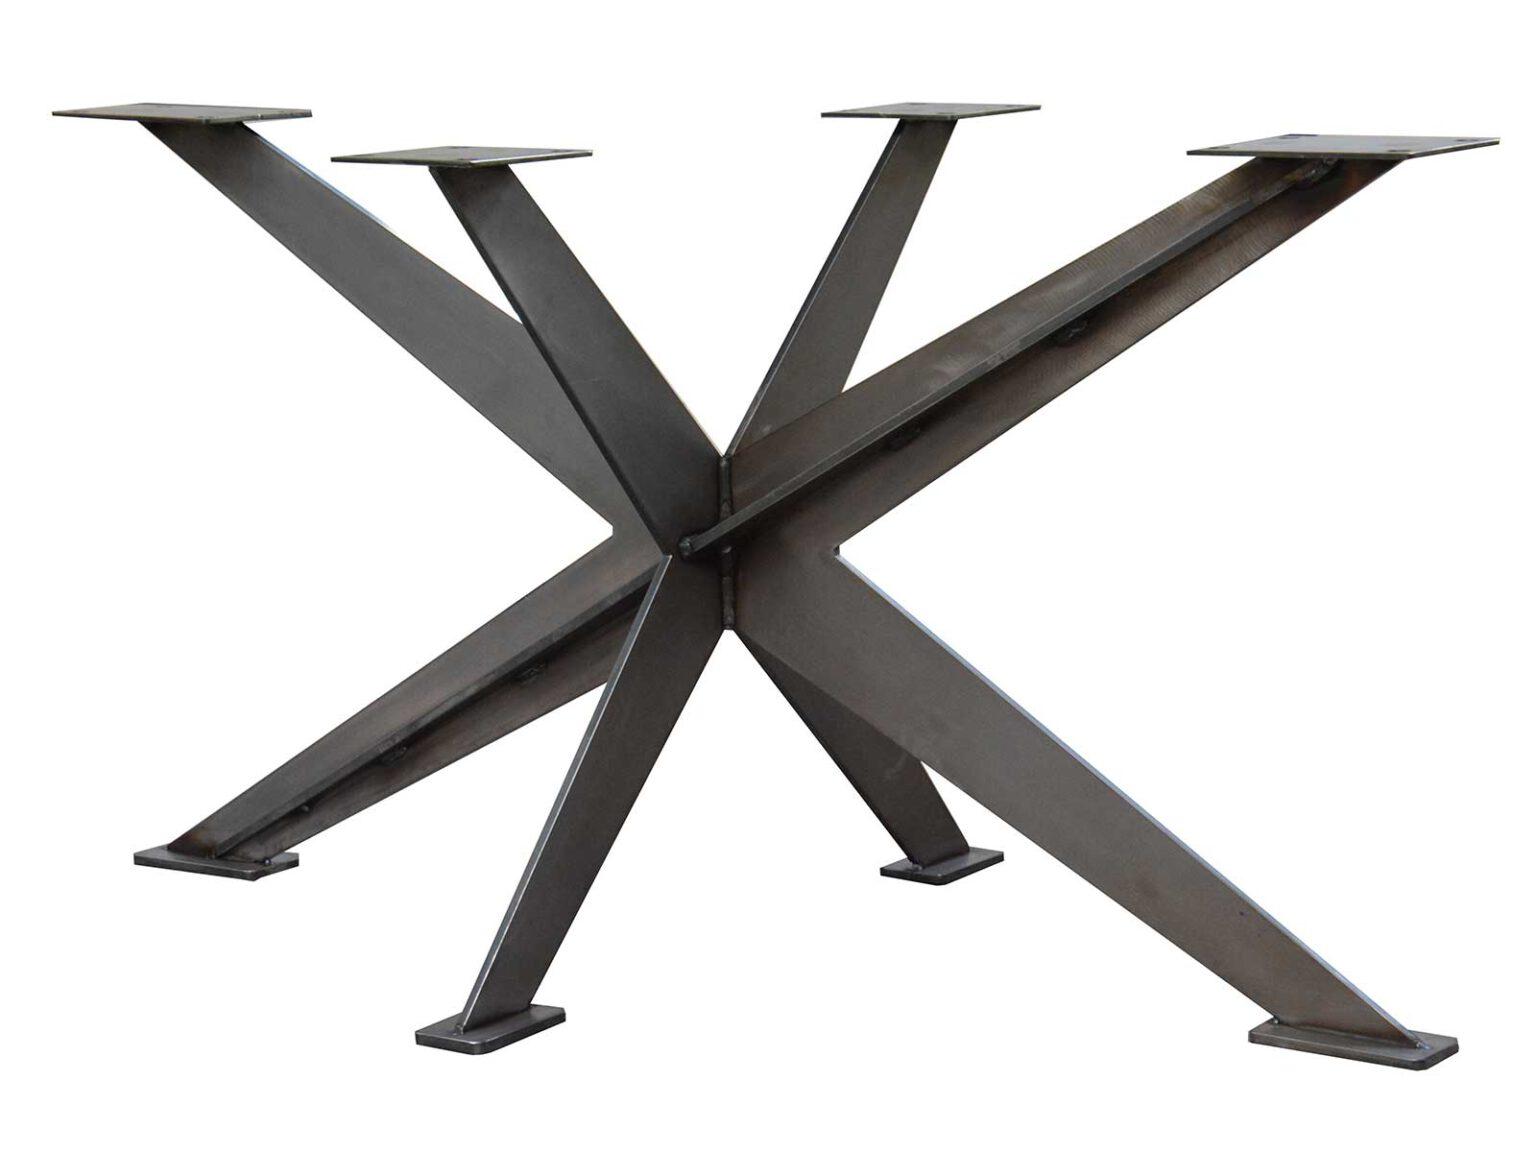 Tisch-Untergestell Spider aus lasergeschnittenem Metall